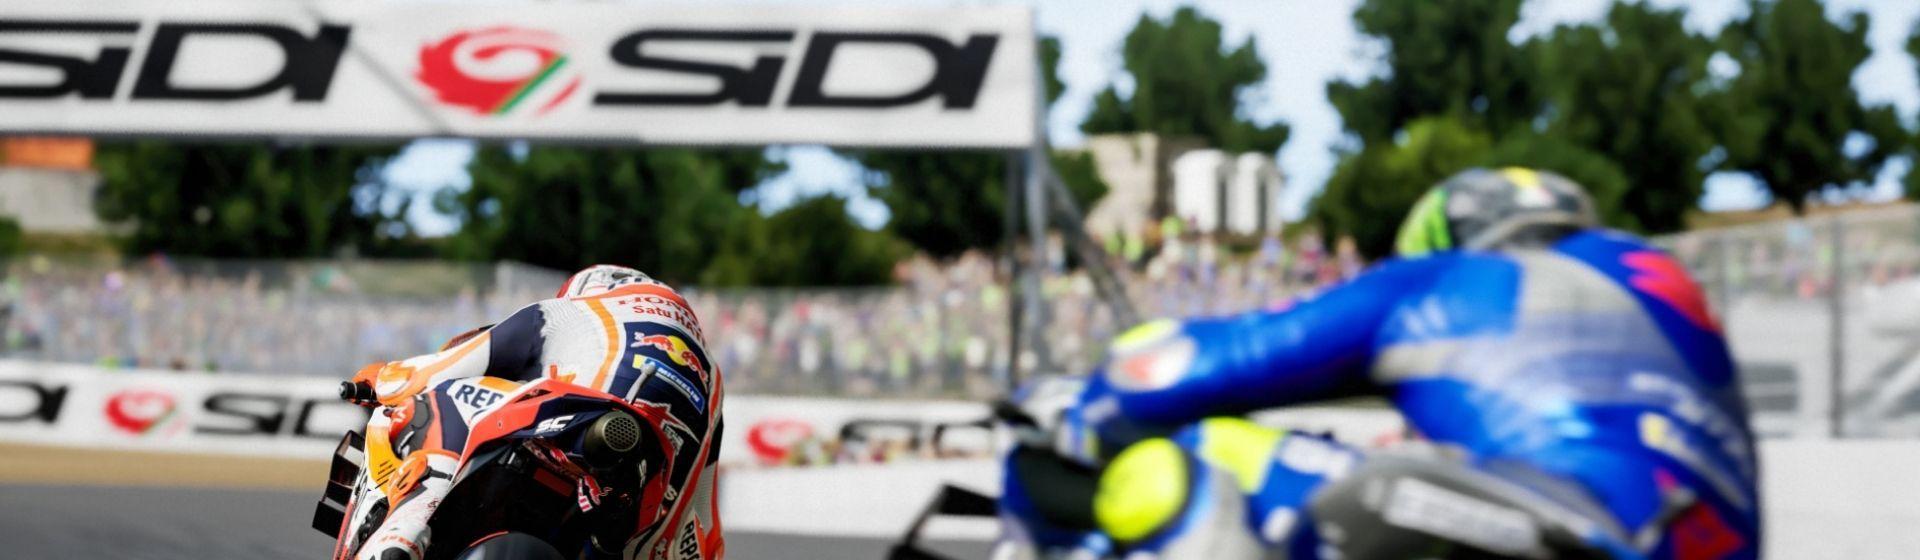 Melhor jogo de moto em 2021: acelere com nossa seleção de games